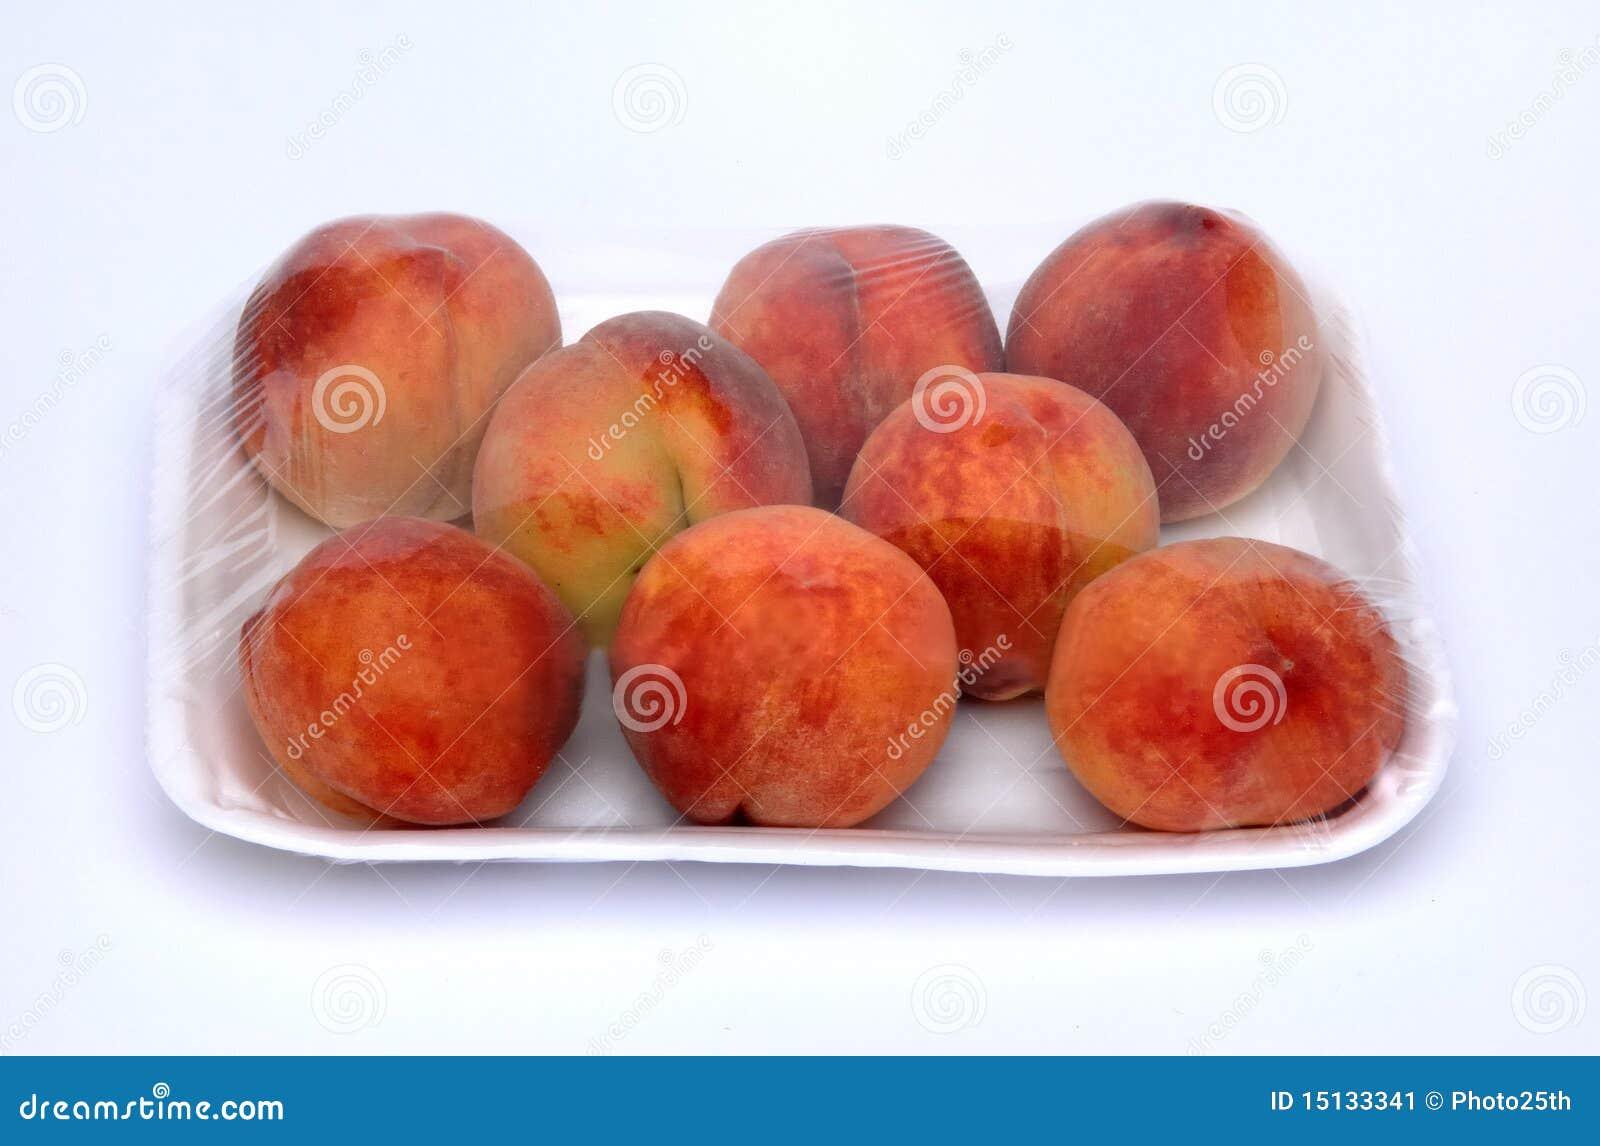 Peachs